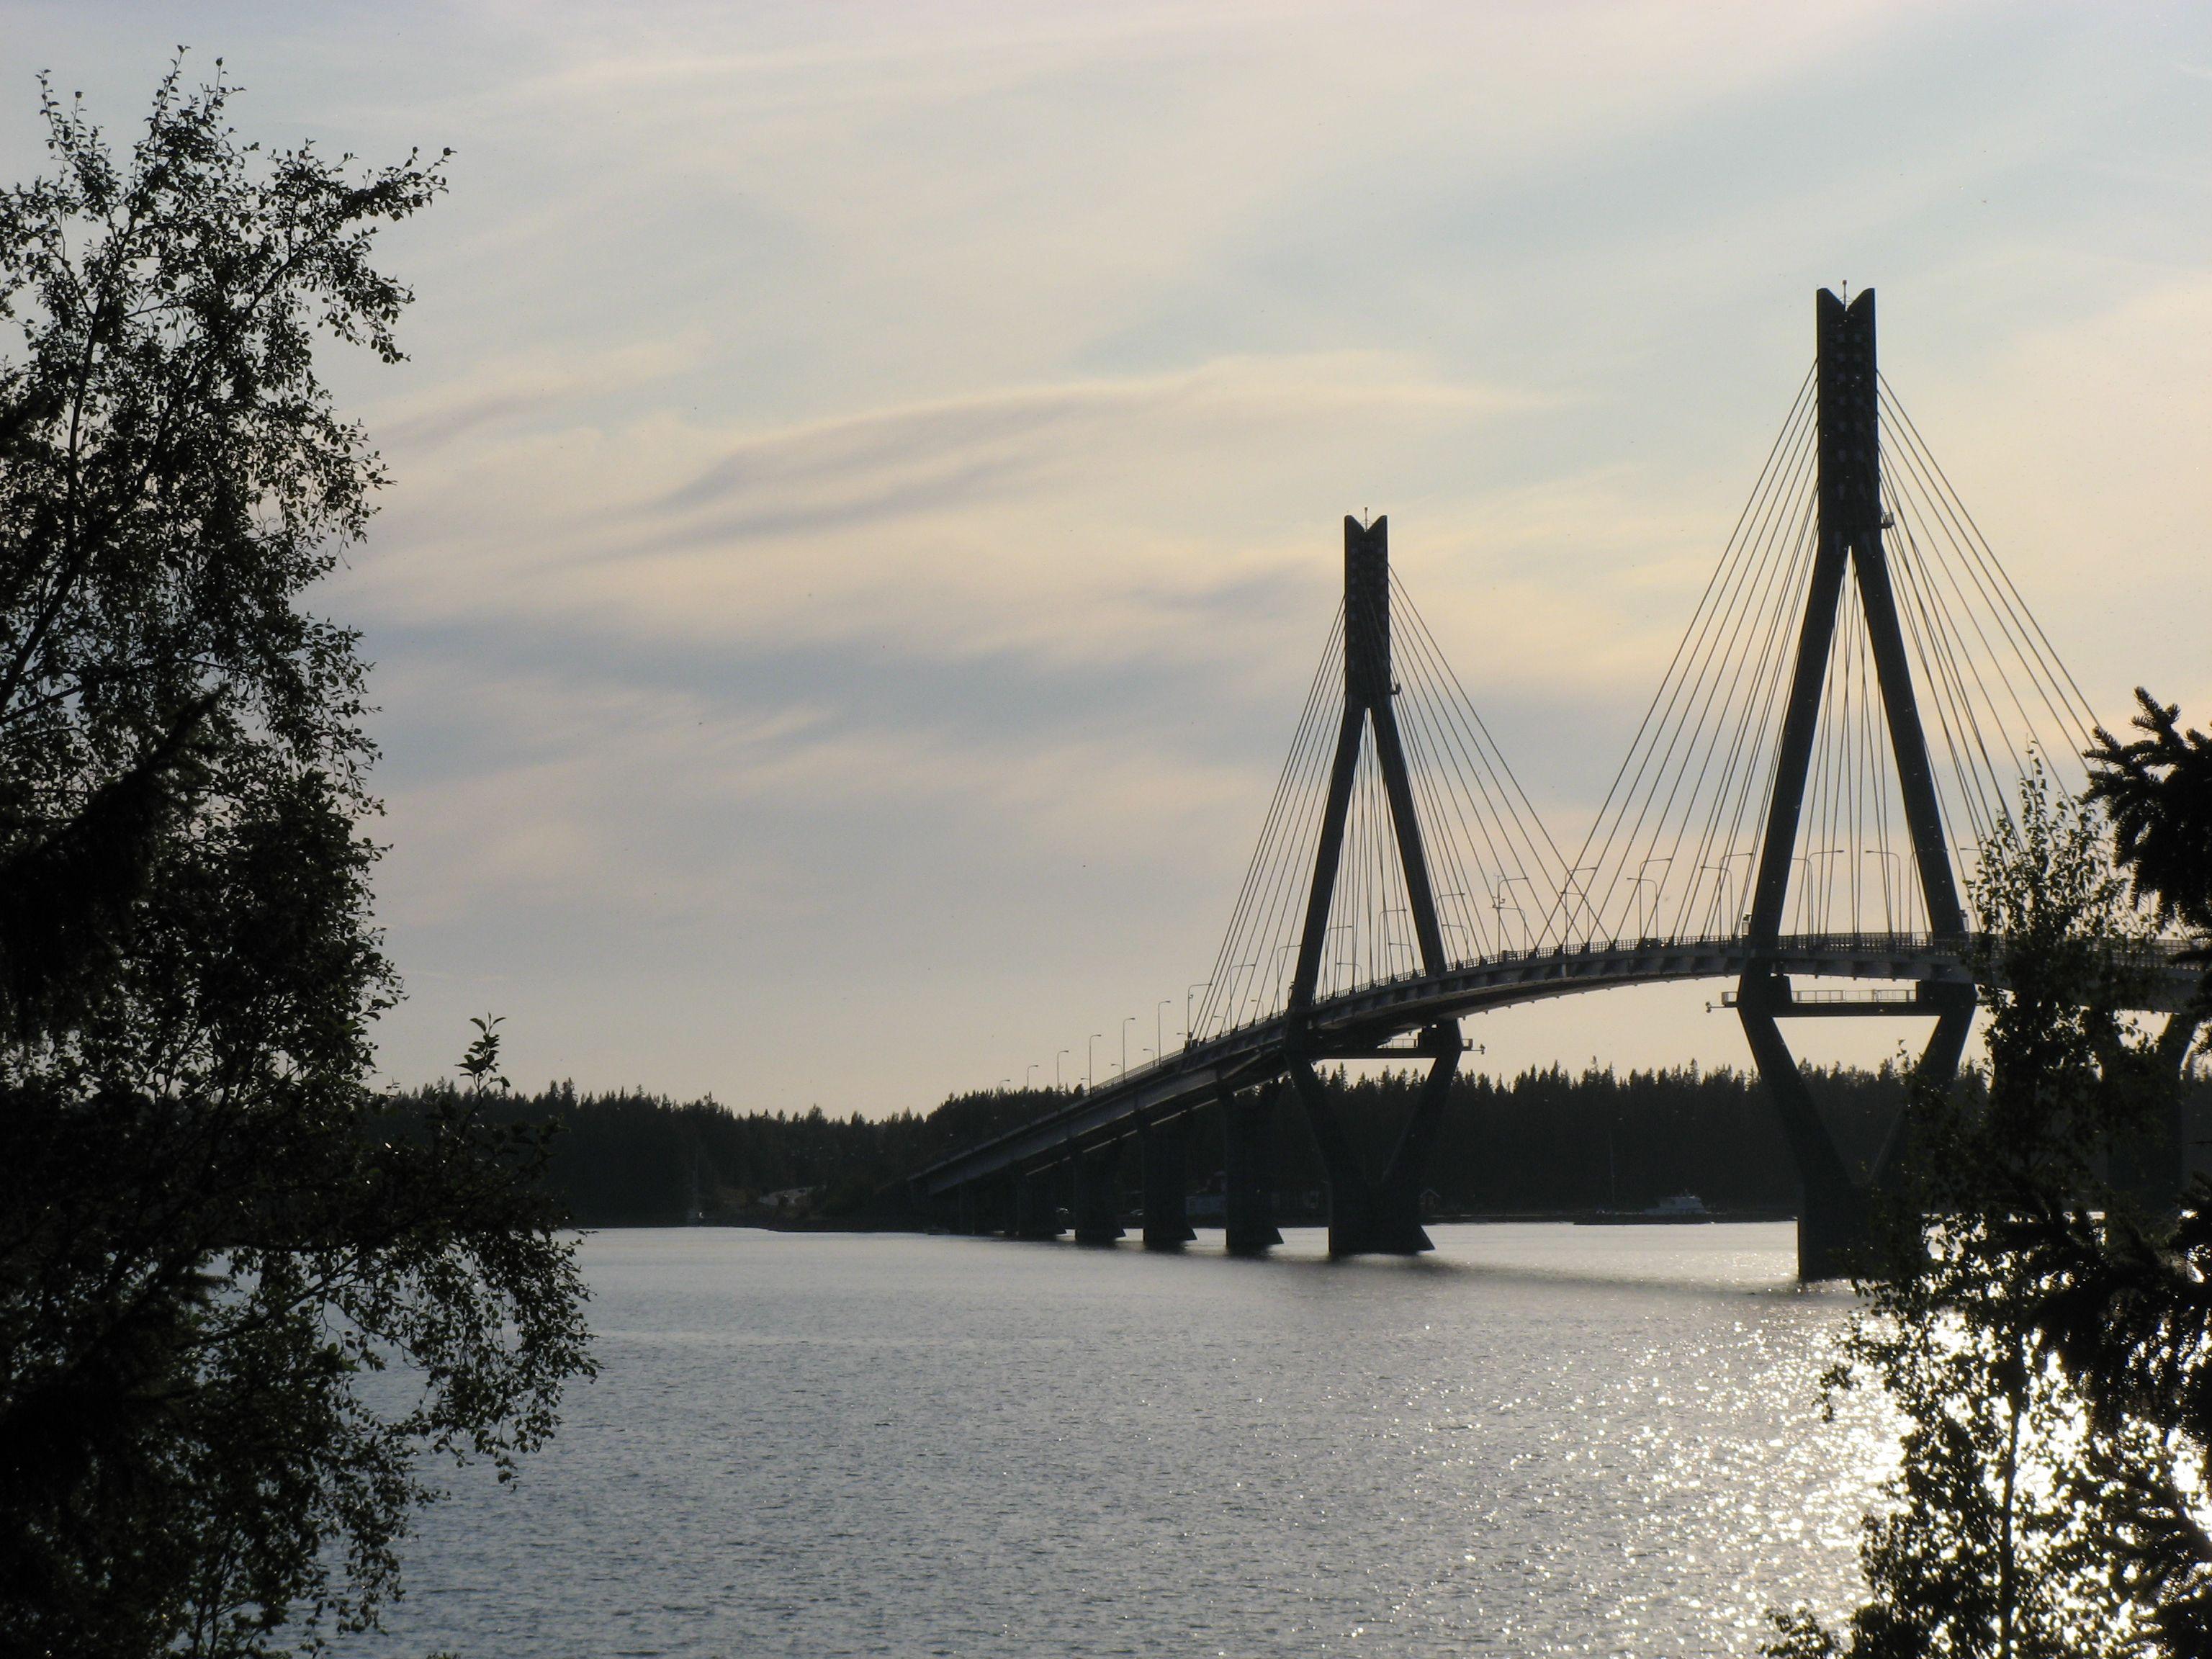 Raippaluoto paikassa Länsi-Suomen Lääni